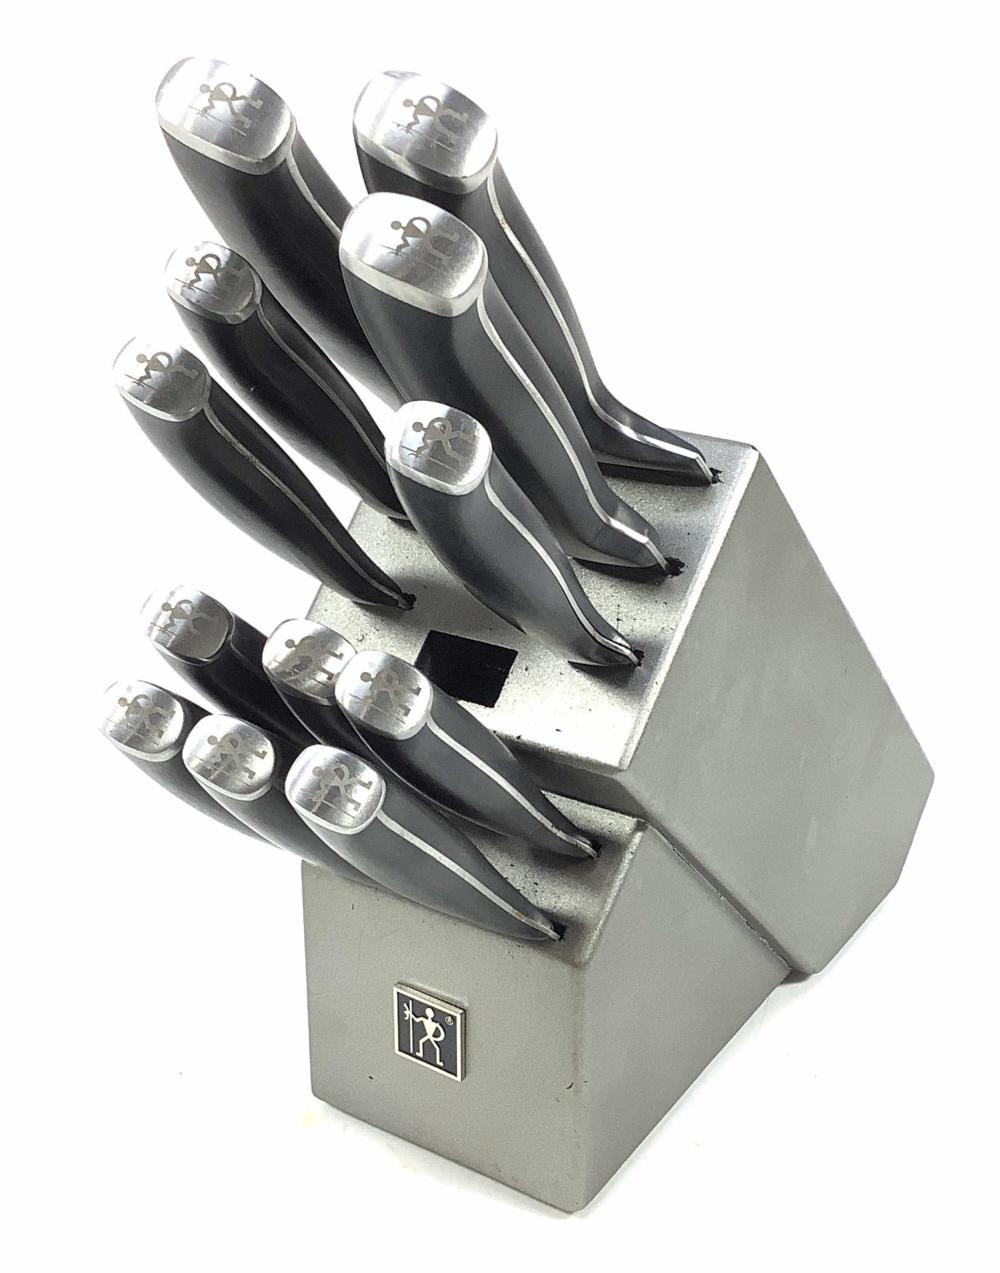 Henckels Stainless Steel Knife Set & Knife Block